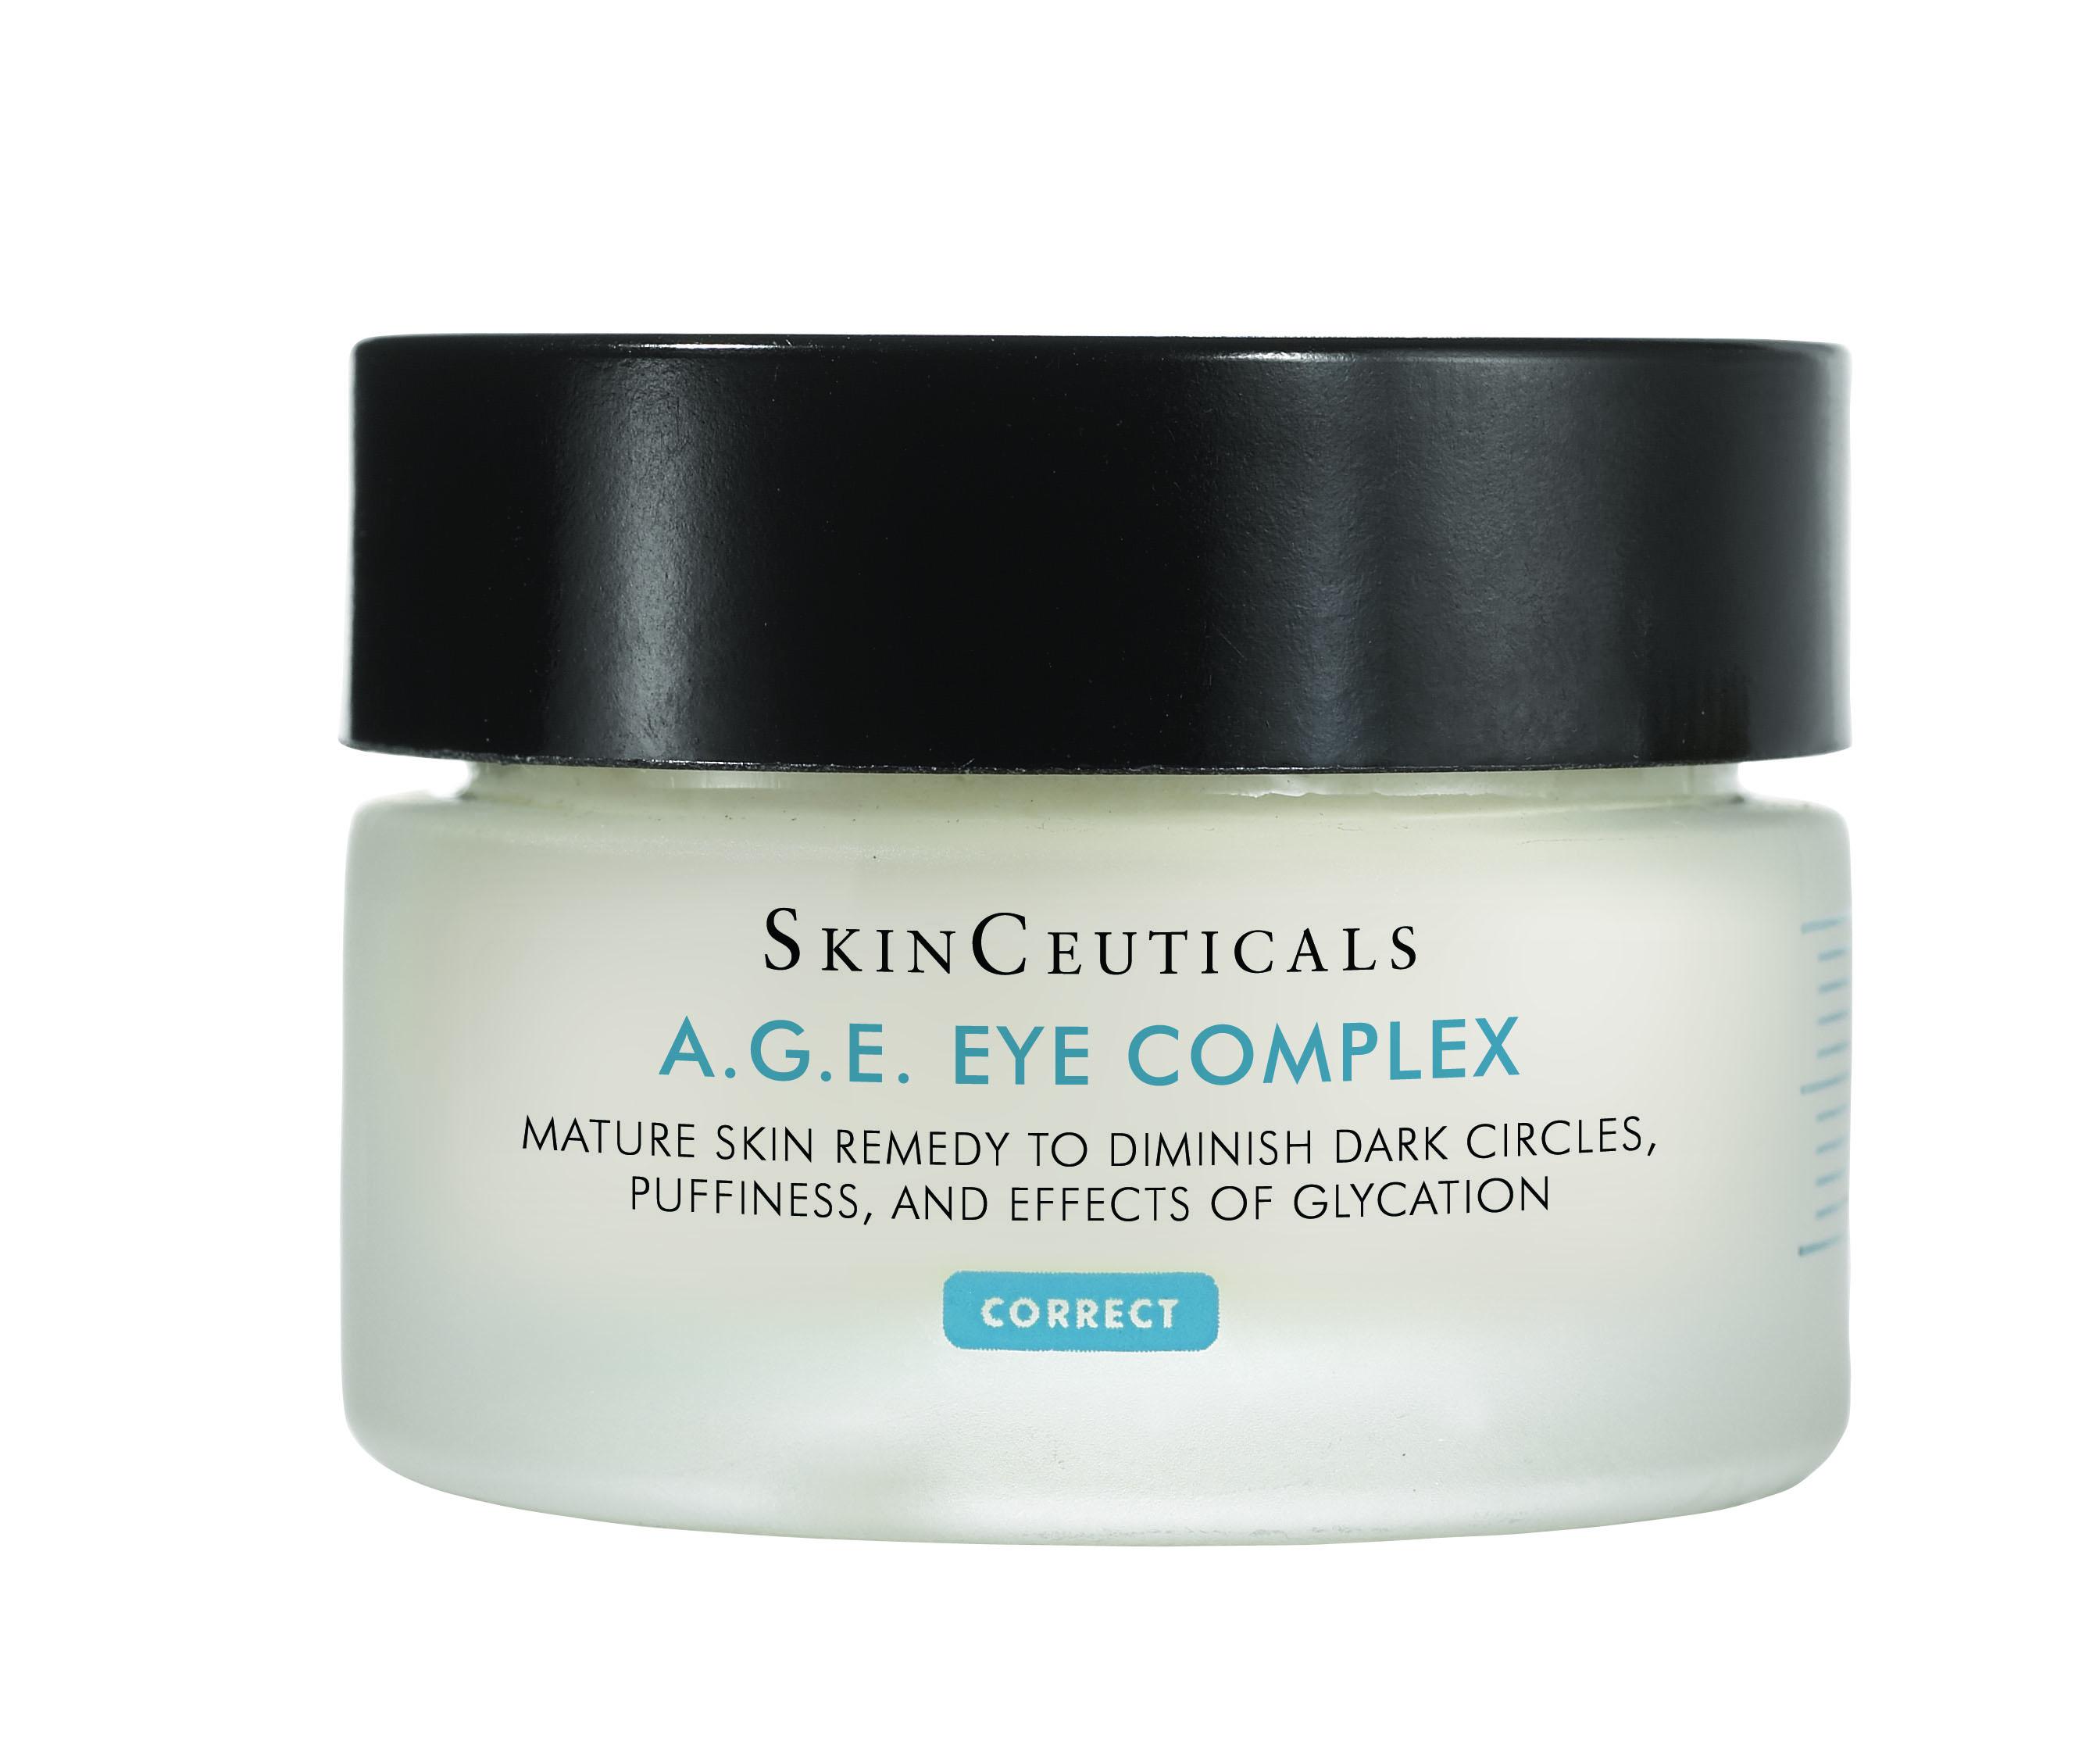 Image of SkinCeuticals A.G.E. Eye Complex Trattamento Contorno Occhi 15ml